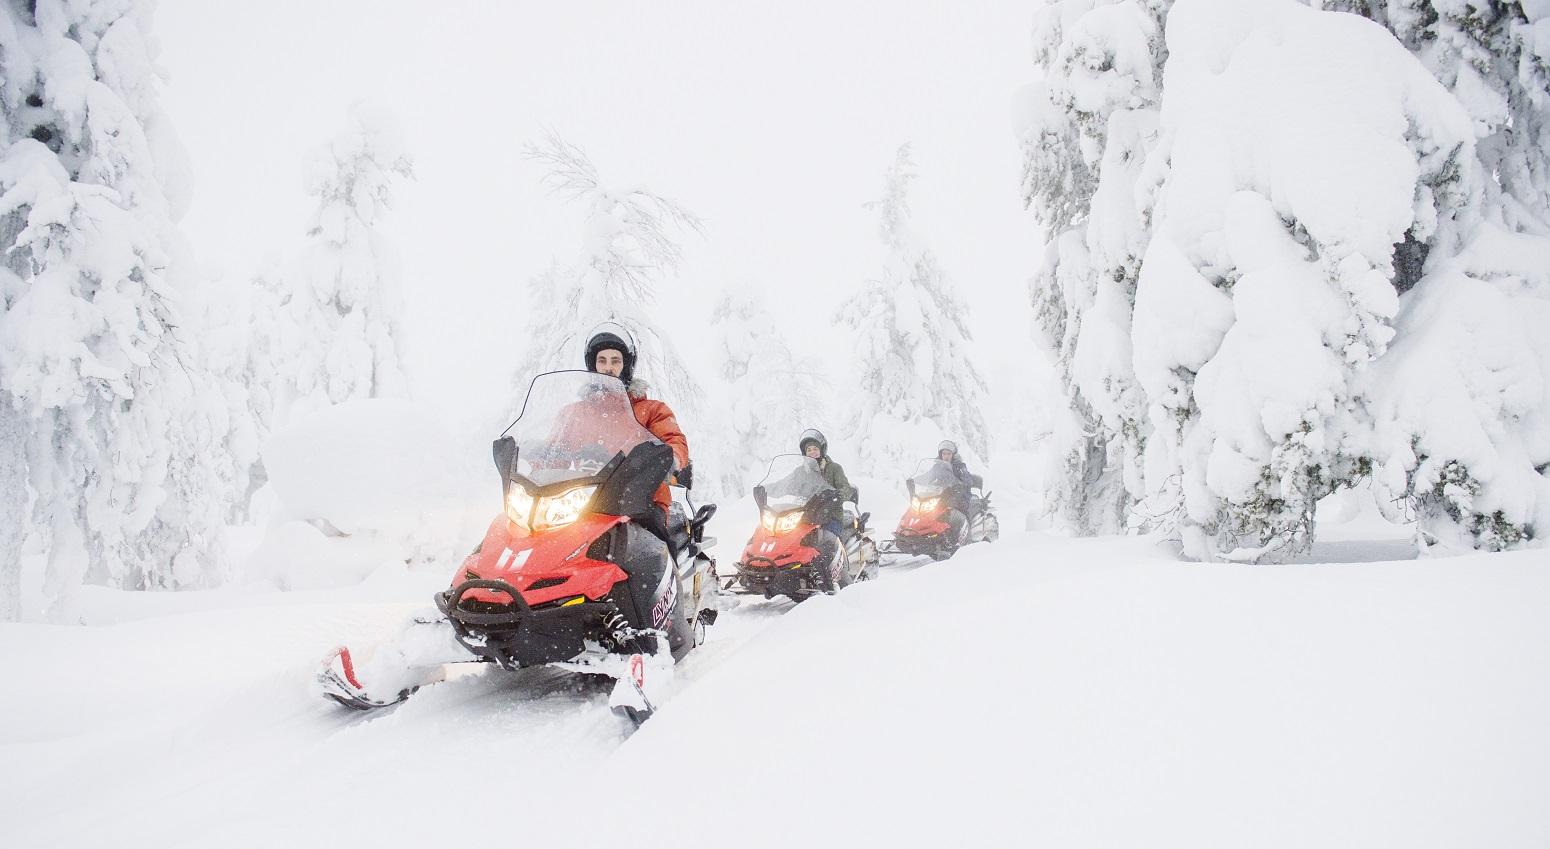 excursi9on motos nieves 2021